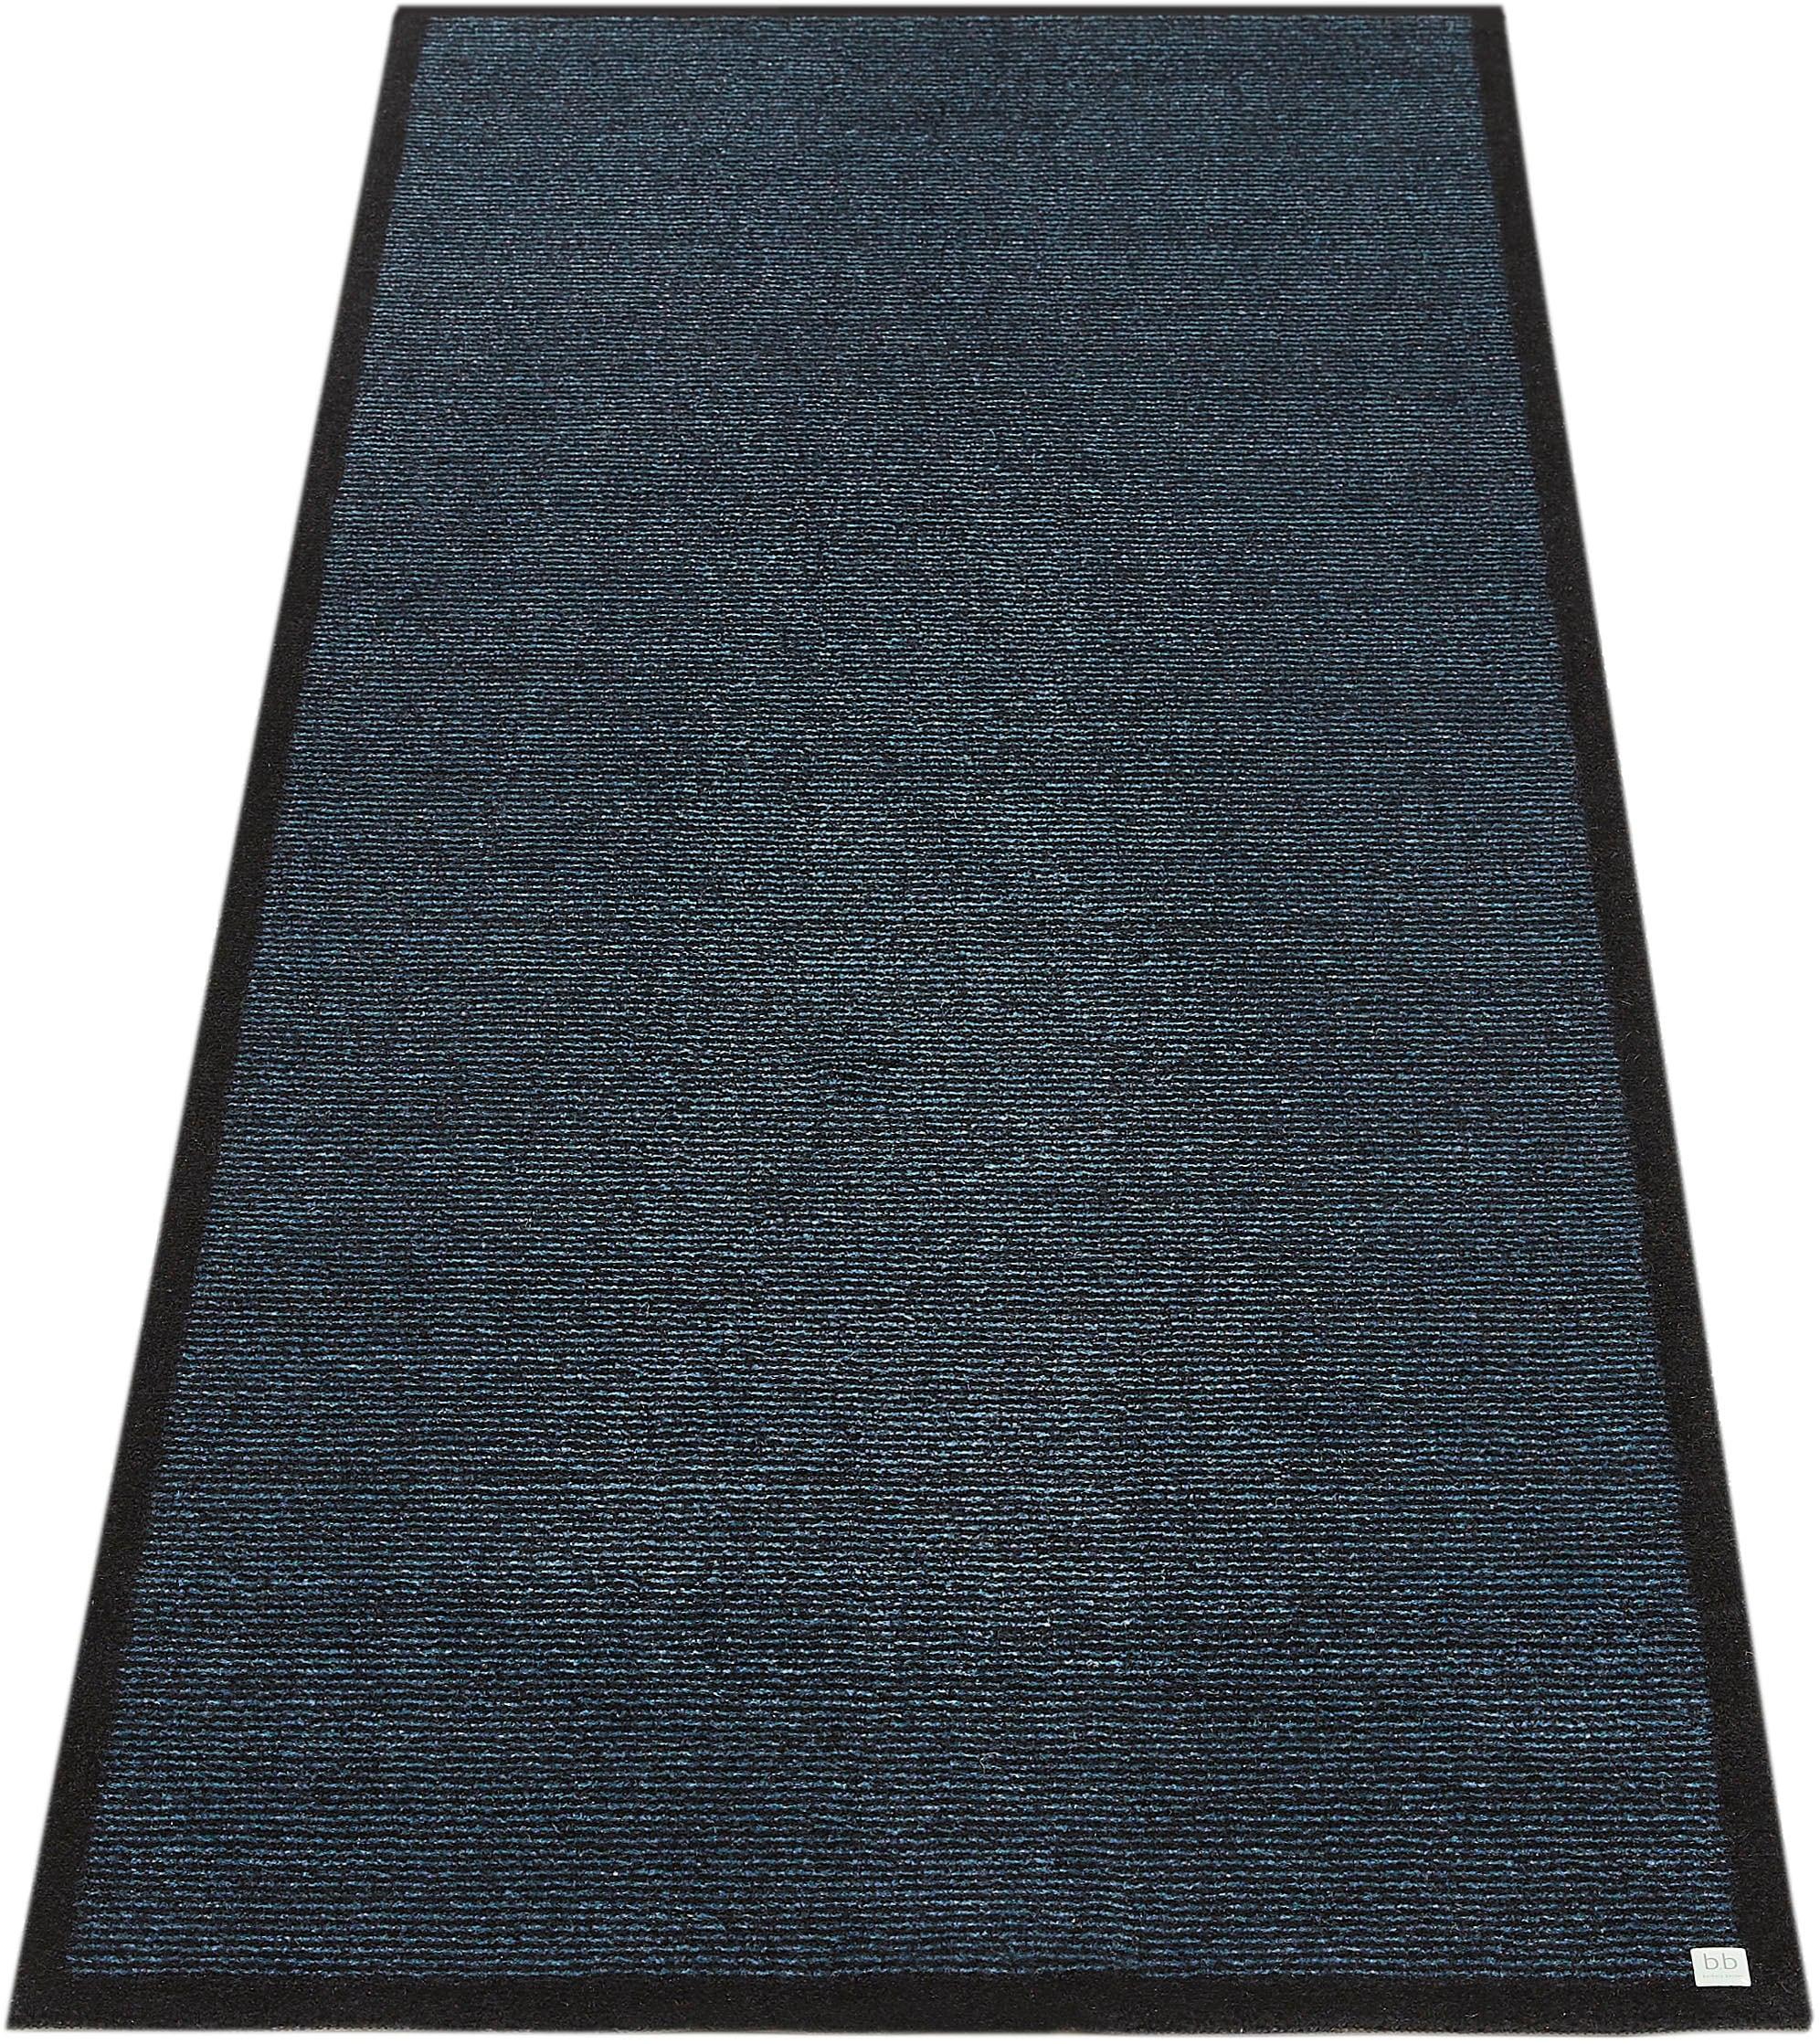 Image of Barbara Becker Läufer »Gentle«, rechteckig, 10 mm Höhe, Schmutzfangläufer, Schmutzfangteppich, Schmutzmatte, In- und Outdoor geeignet, waschbar